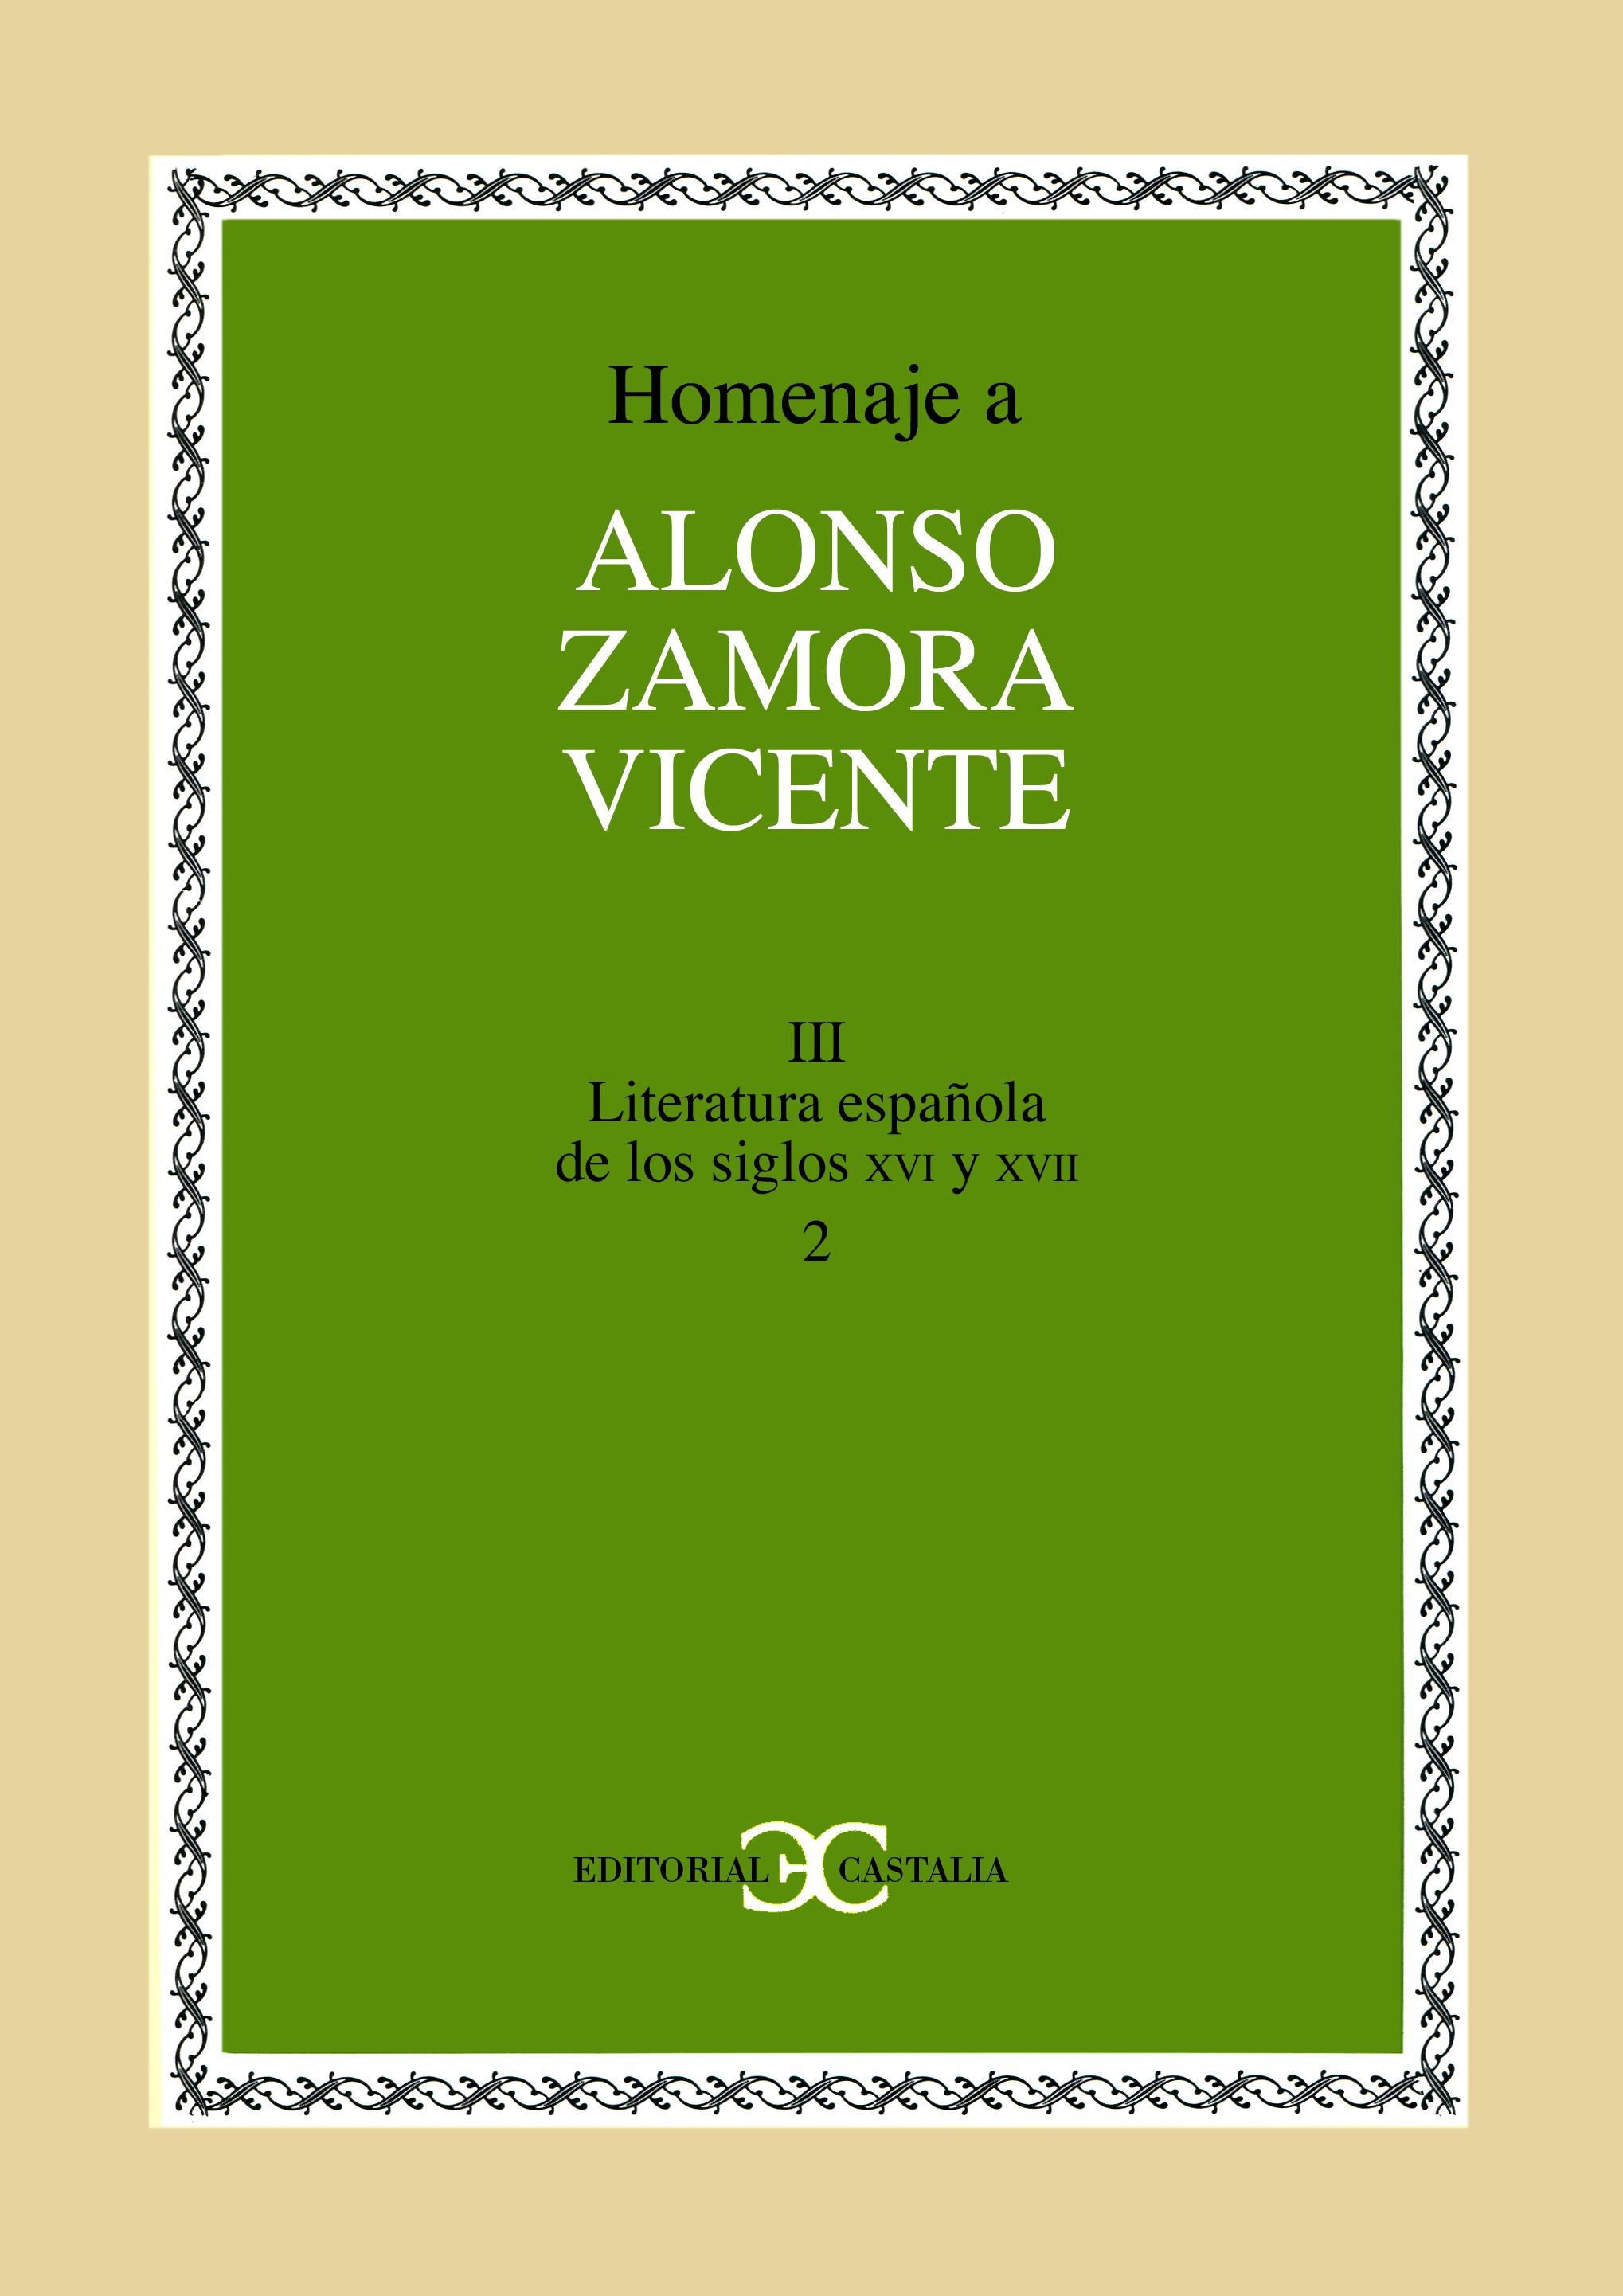 La escondida senda. Estudios en homenaje a Alberto Blecua